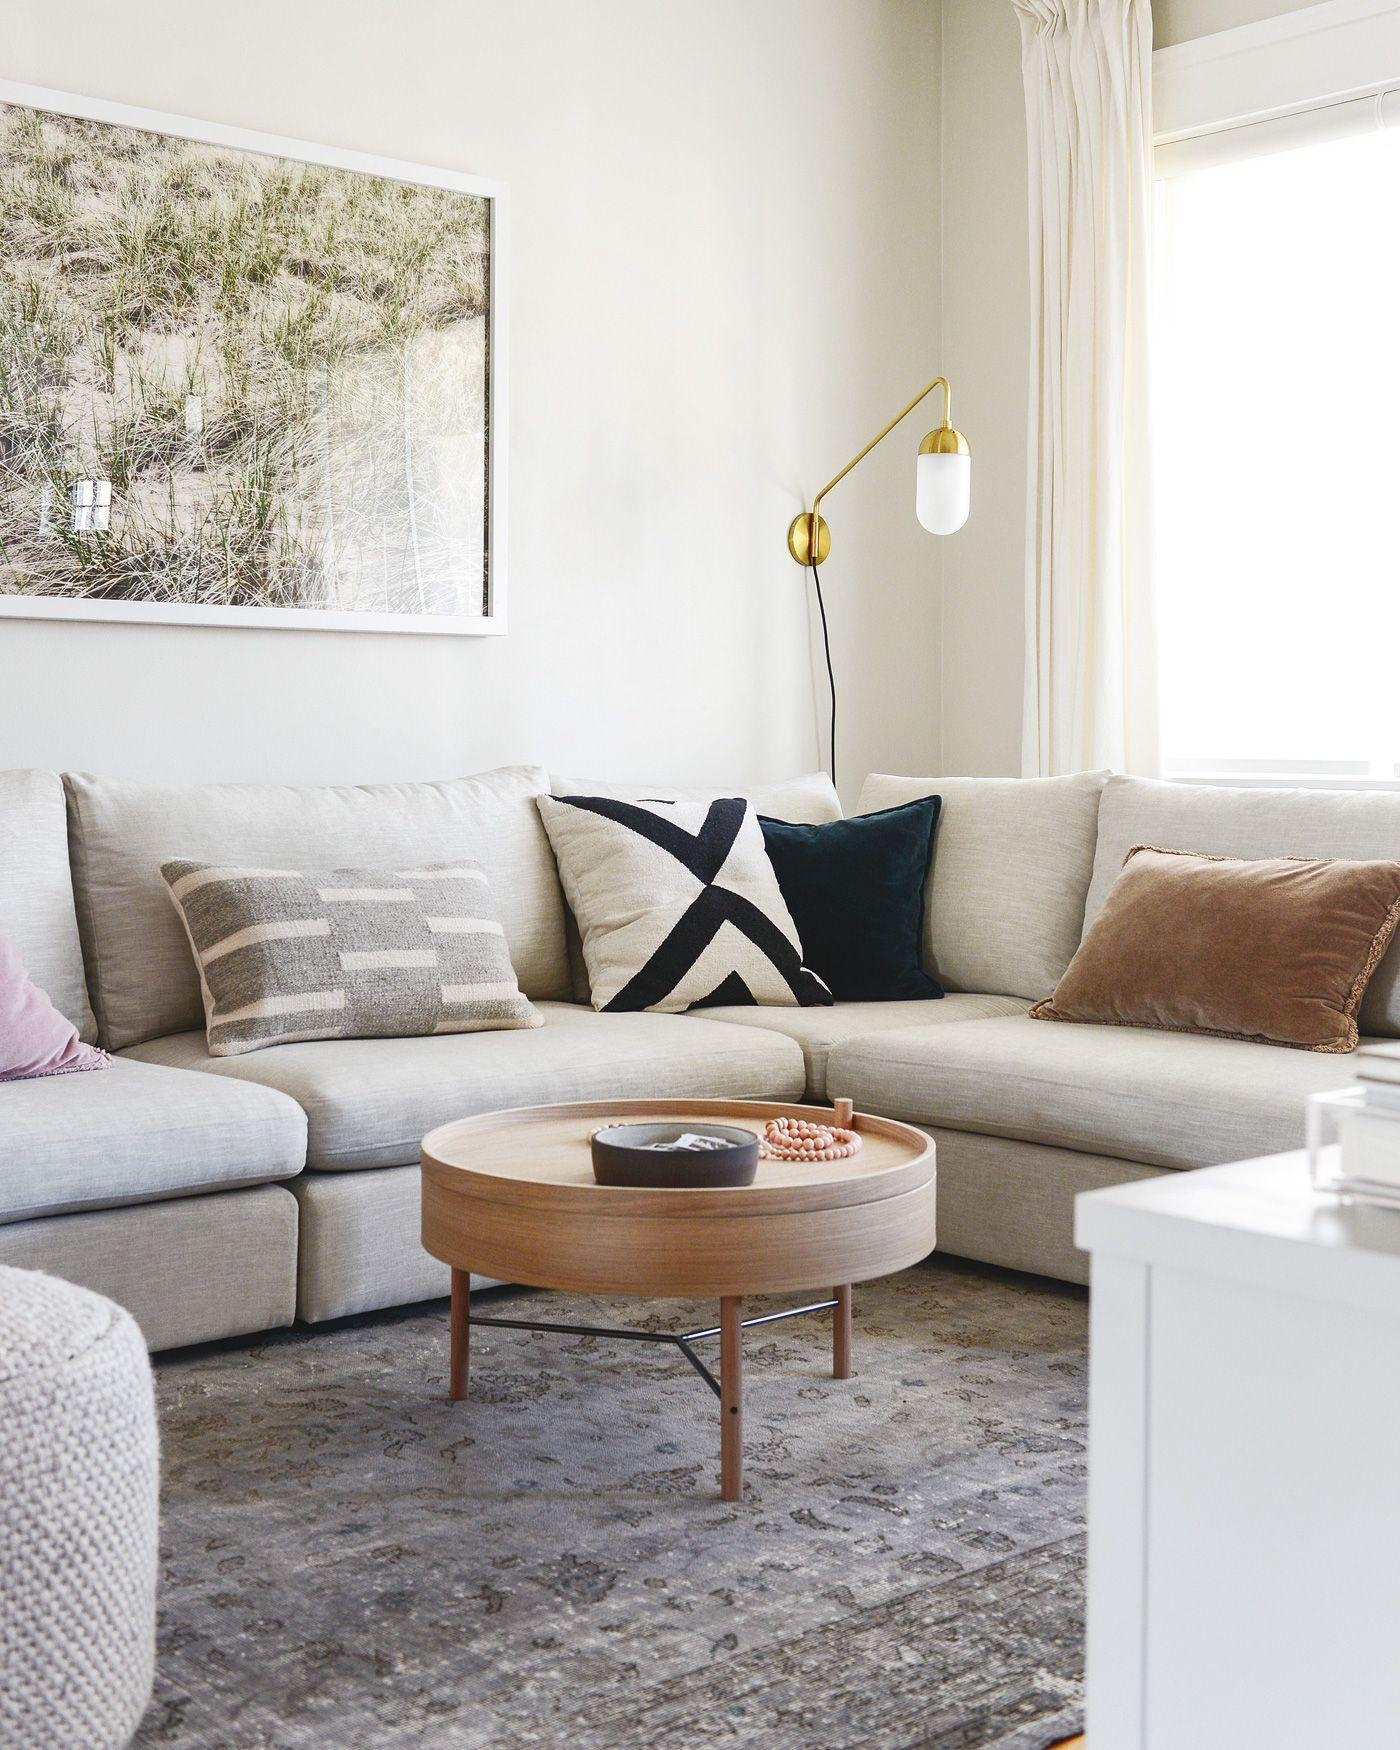 Merveilleux Deco Appartement, Cuisine Ouverte, Future Maison, Fauteuil, Salon Moderne,  Salon Gris